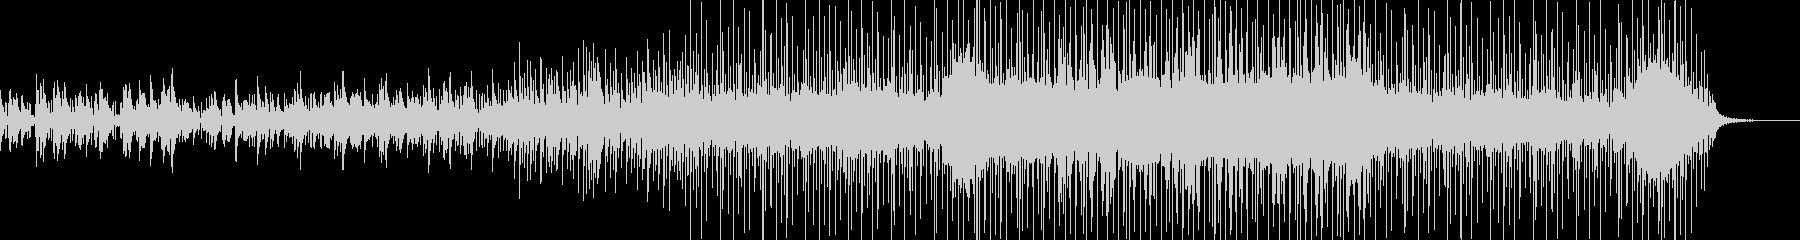 インストゥルメンタル、ポップ、バッ...の未再生の波形